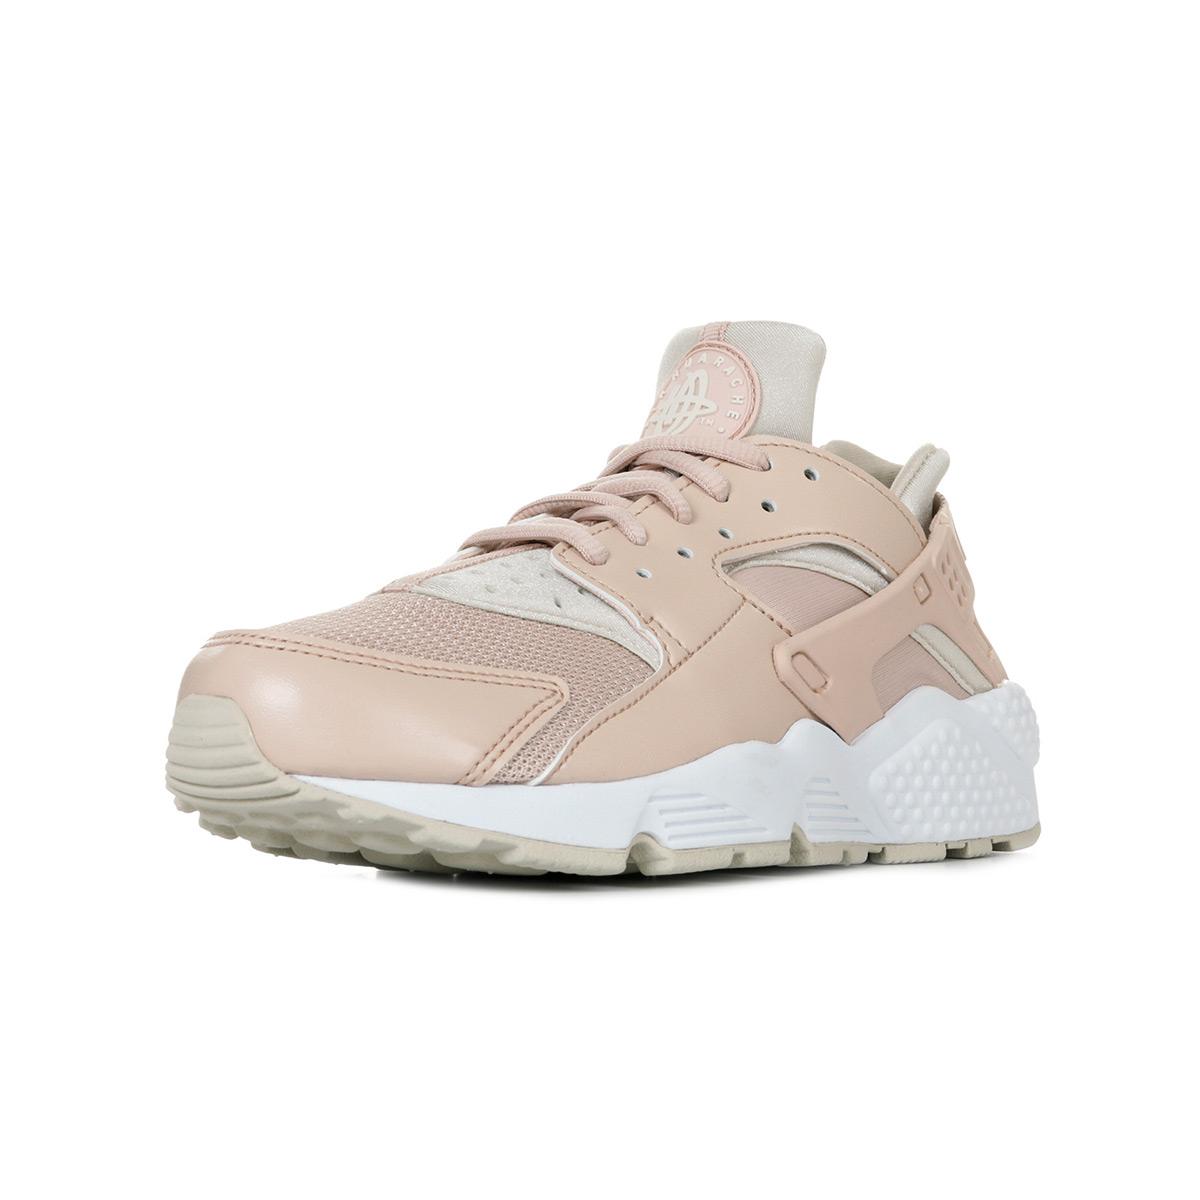 fa8f24b5b75 Chaussures Baskets Nike femme Wn s Air Huarache Run